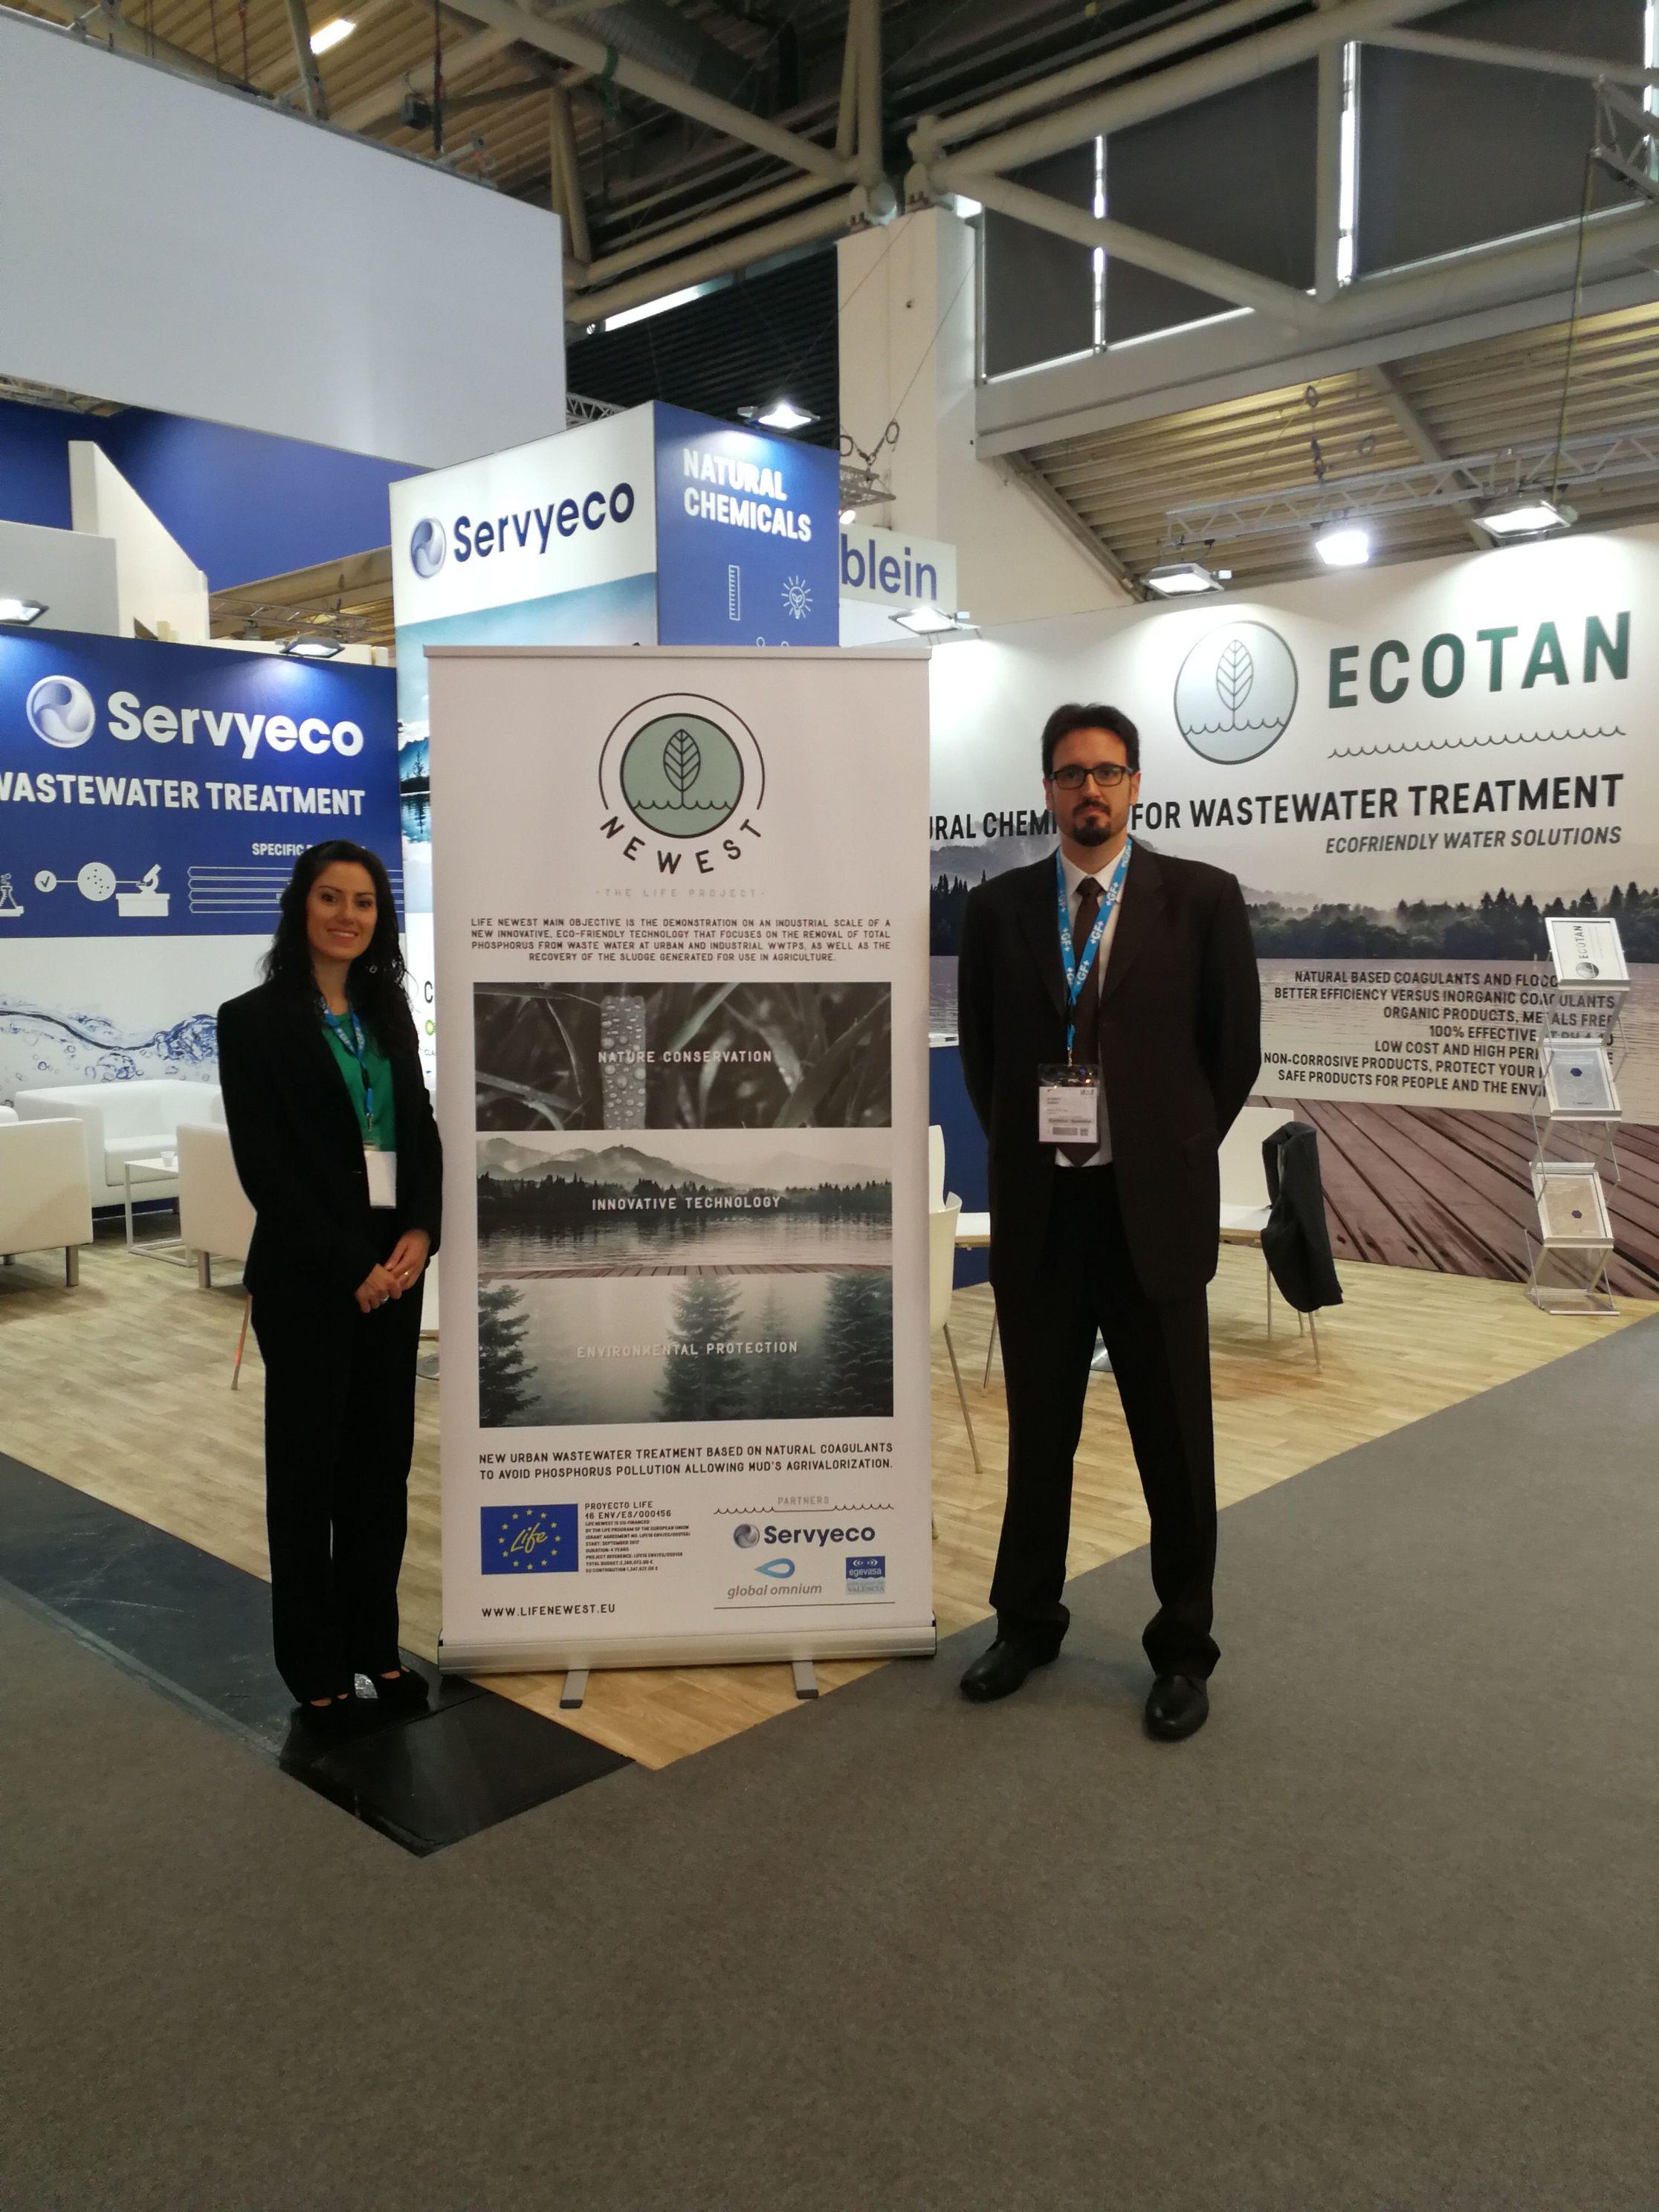 El éxito de IFAT 2018: sostenibilidad, innovación y tecnología.